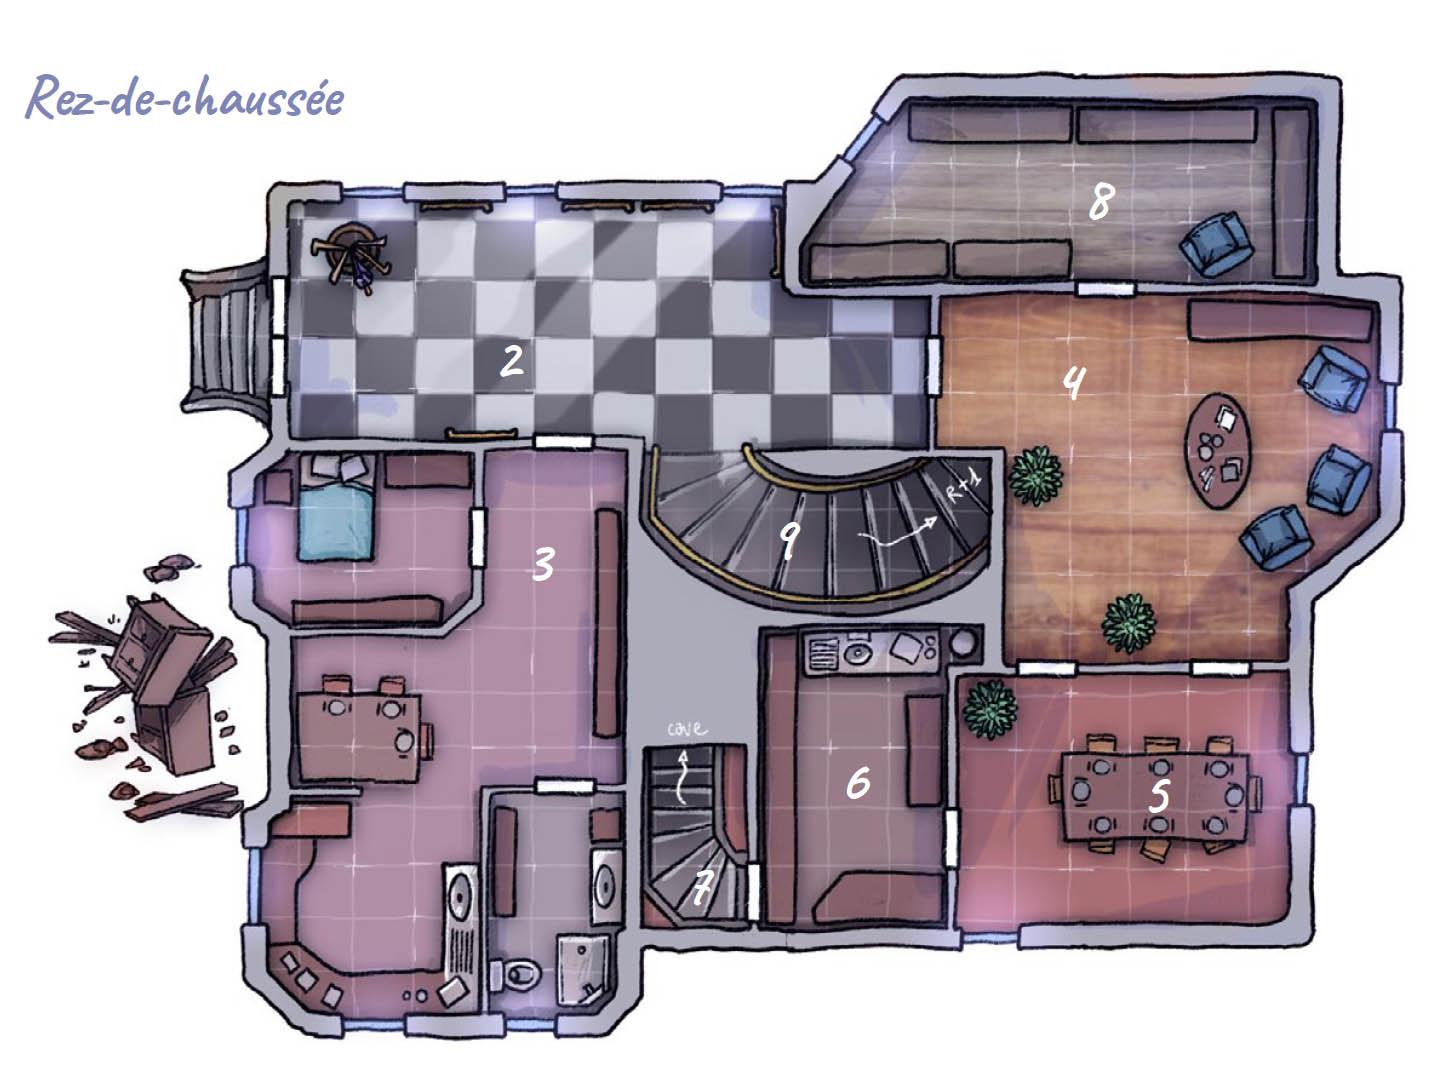 Monstres - Initiation au jeu d'Aventures, préparer ses plans © Black Book / Sfar / Bernasconi / Lhomme